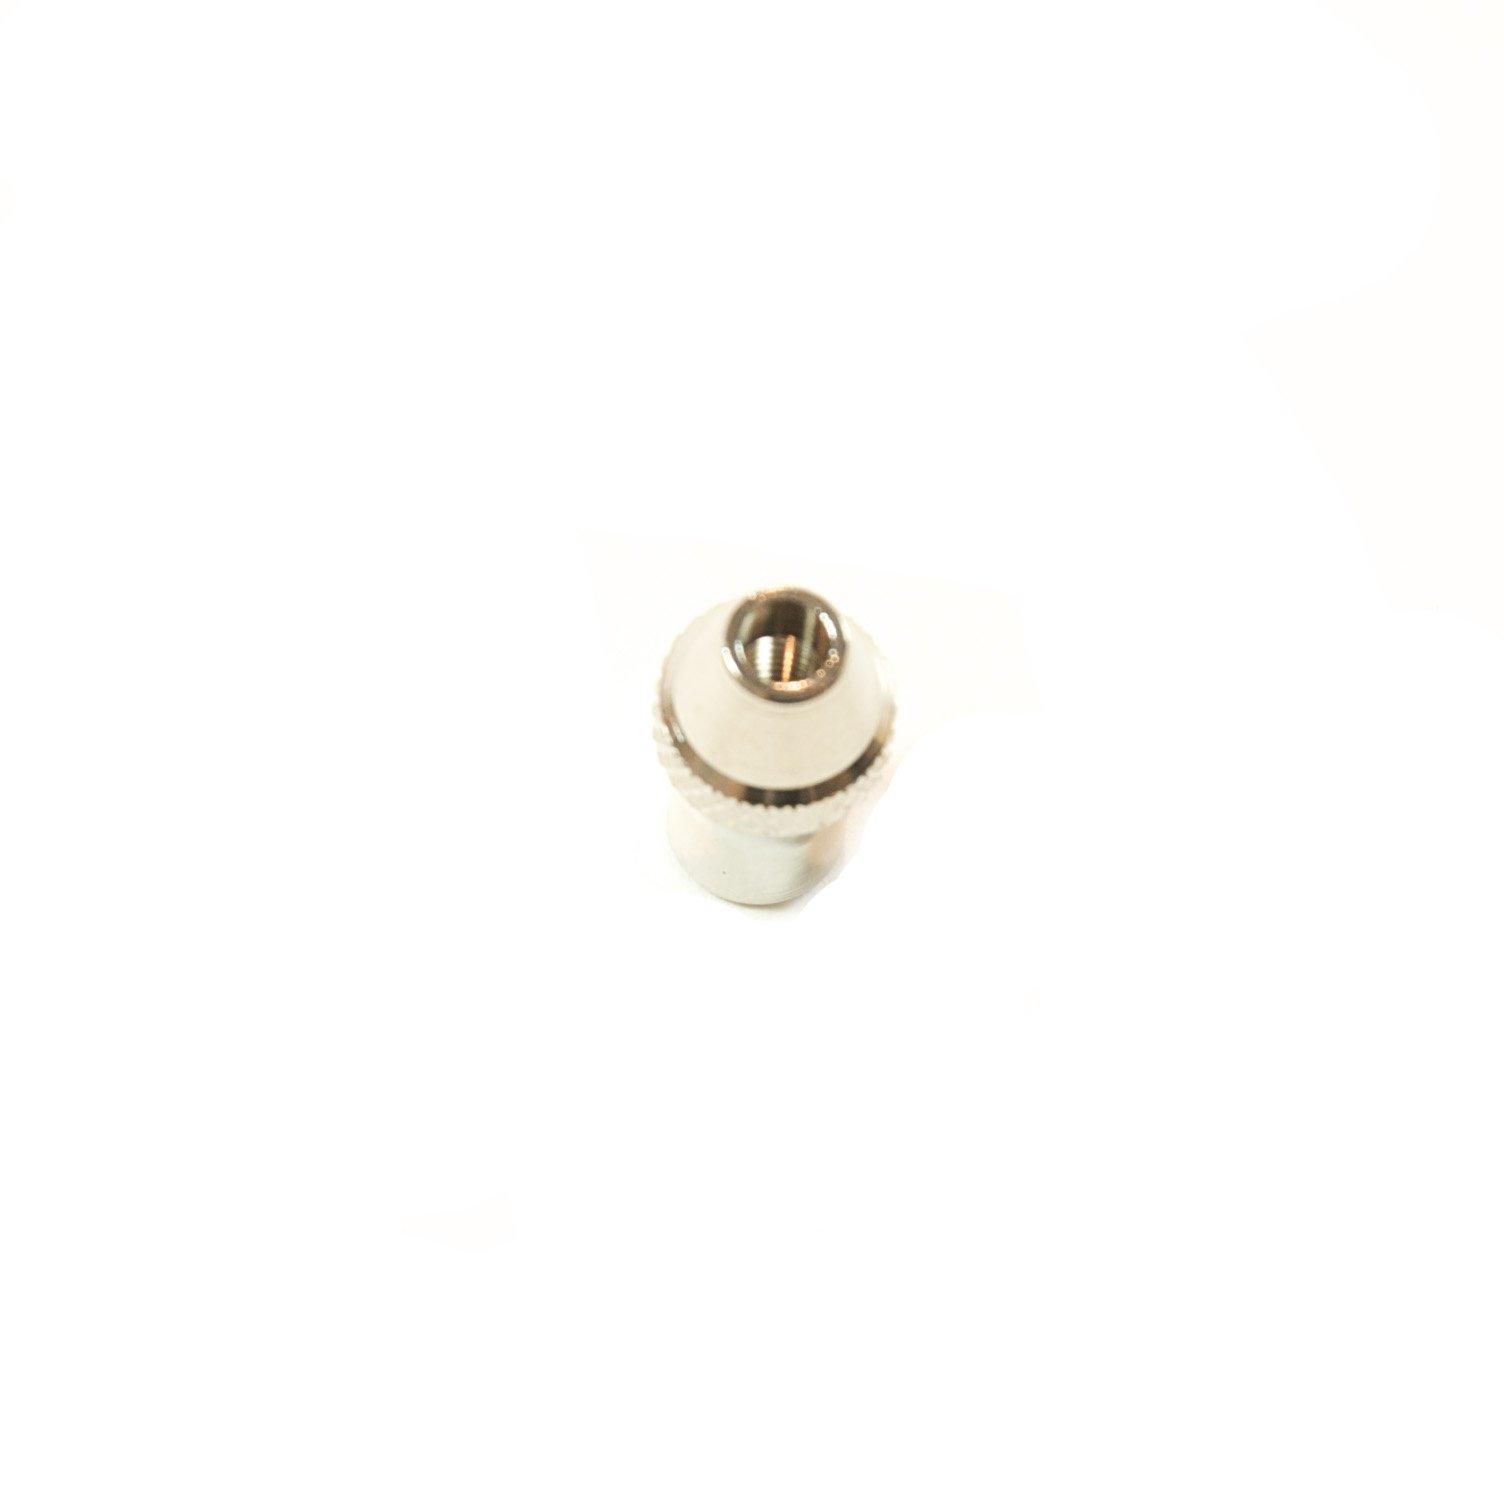 Preval .66mm Fluid Tip